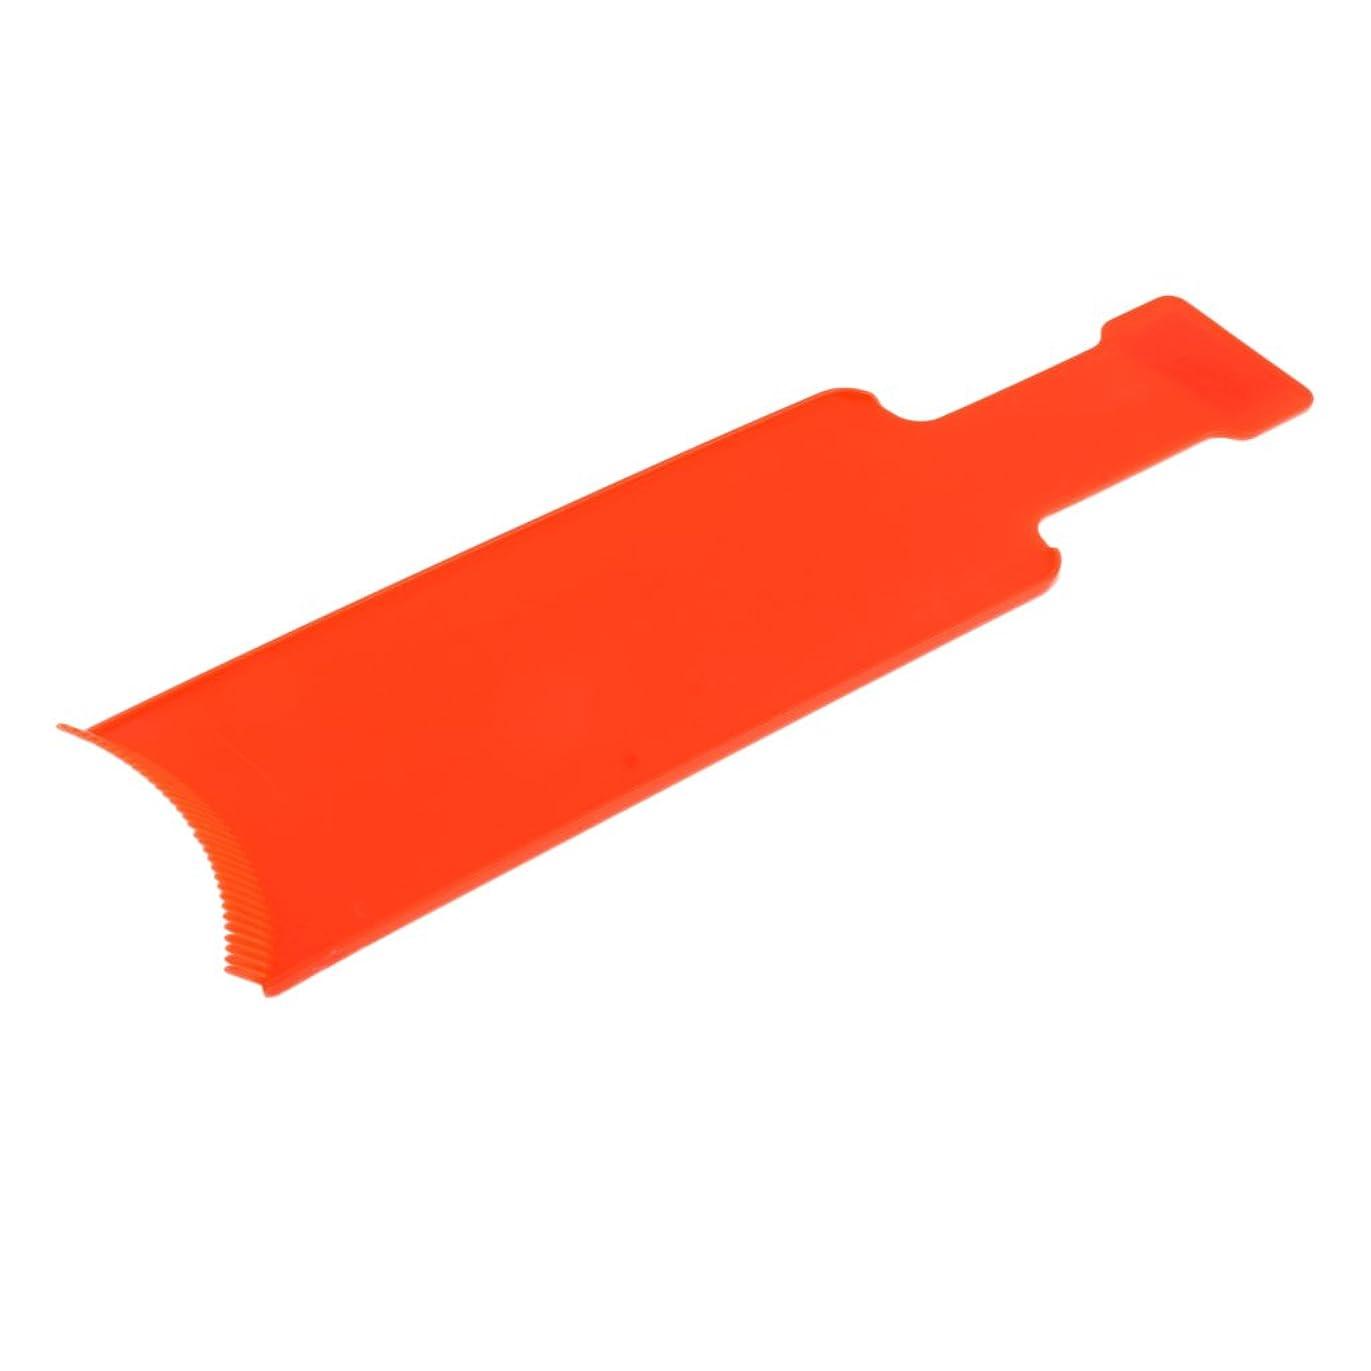 ずんぐりした確認時制Perfk 染色櫛プレート 染めボード ヘアカラー 櫛 着色ボード ヘアブラシ セルフヘルプ プロ 家庭用 2サイズ2色選べる - L, オレンジ